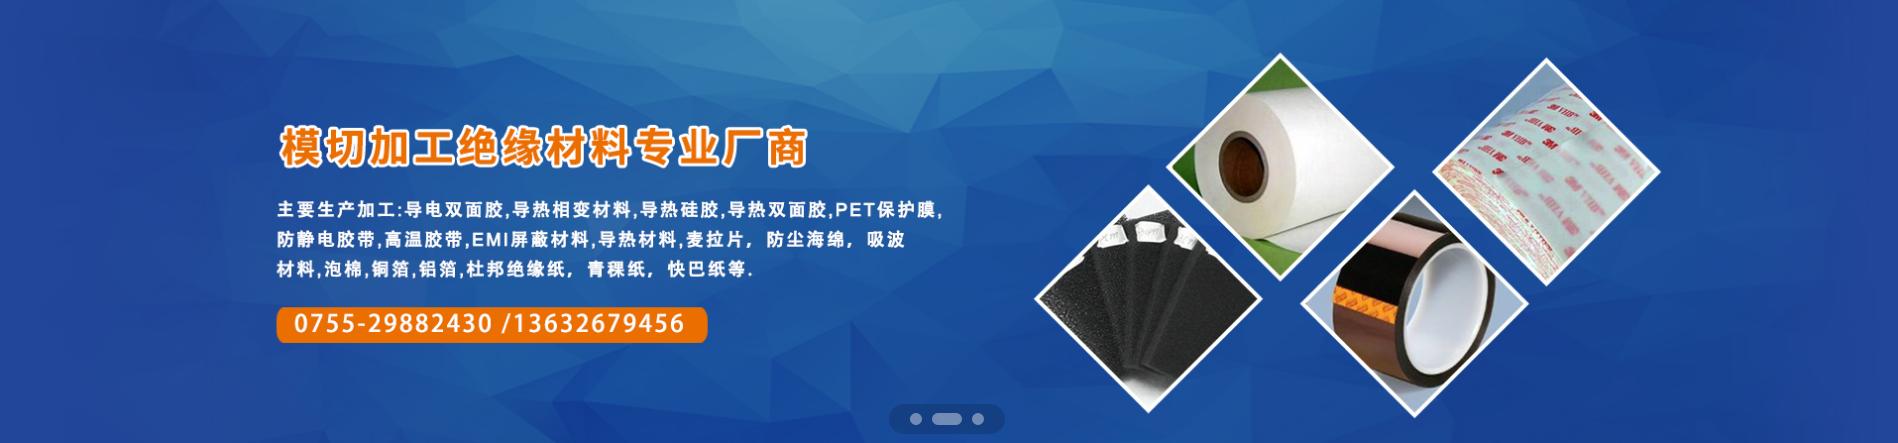 深圳市杰胜电子材料有限公司